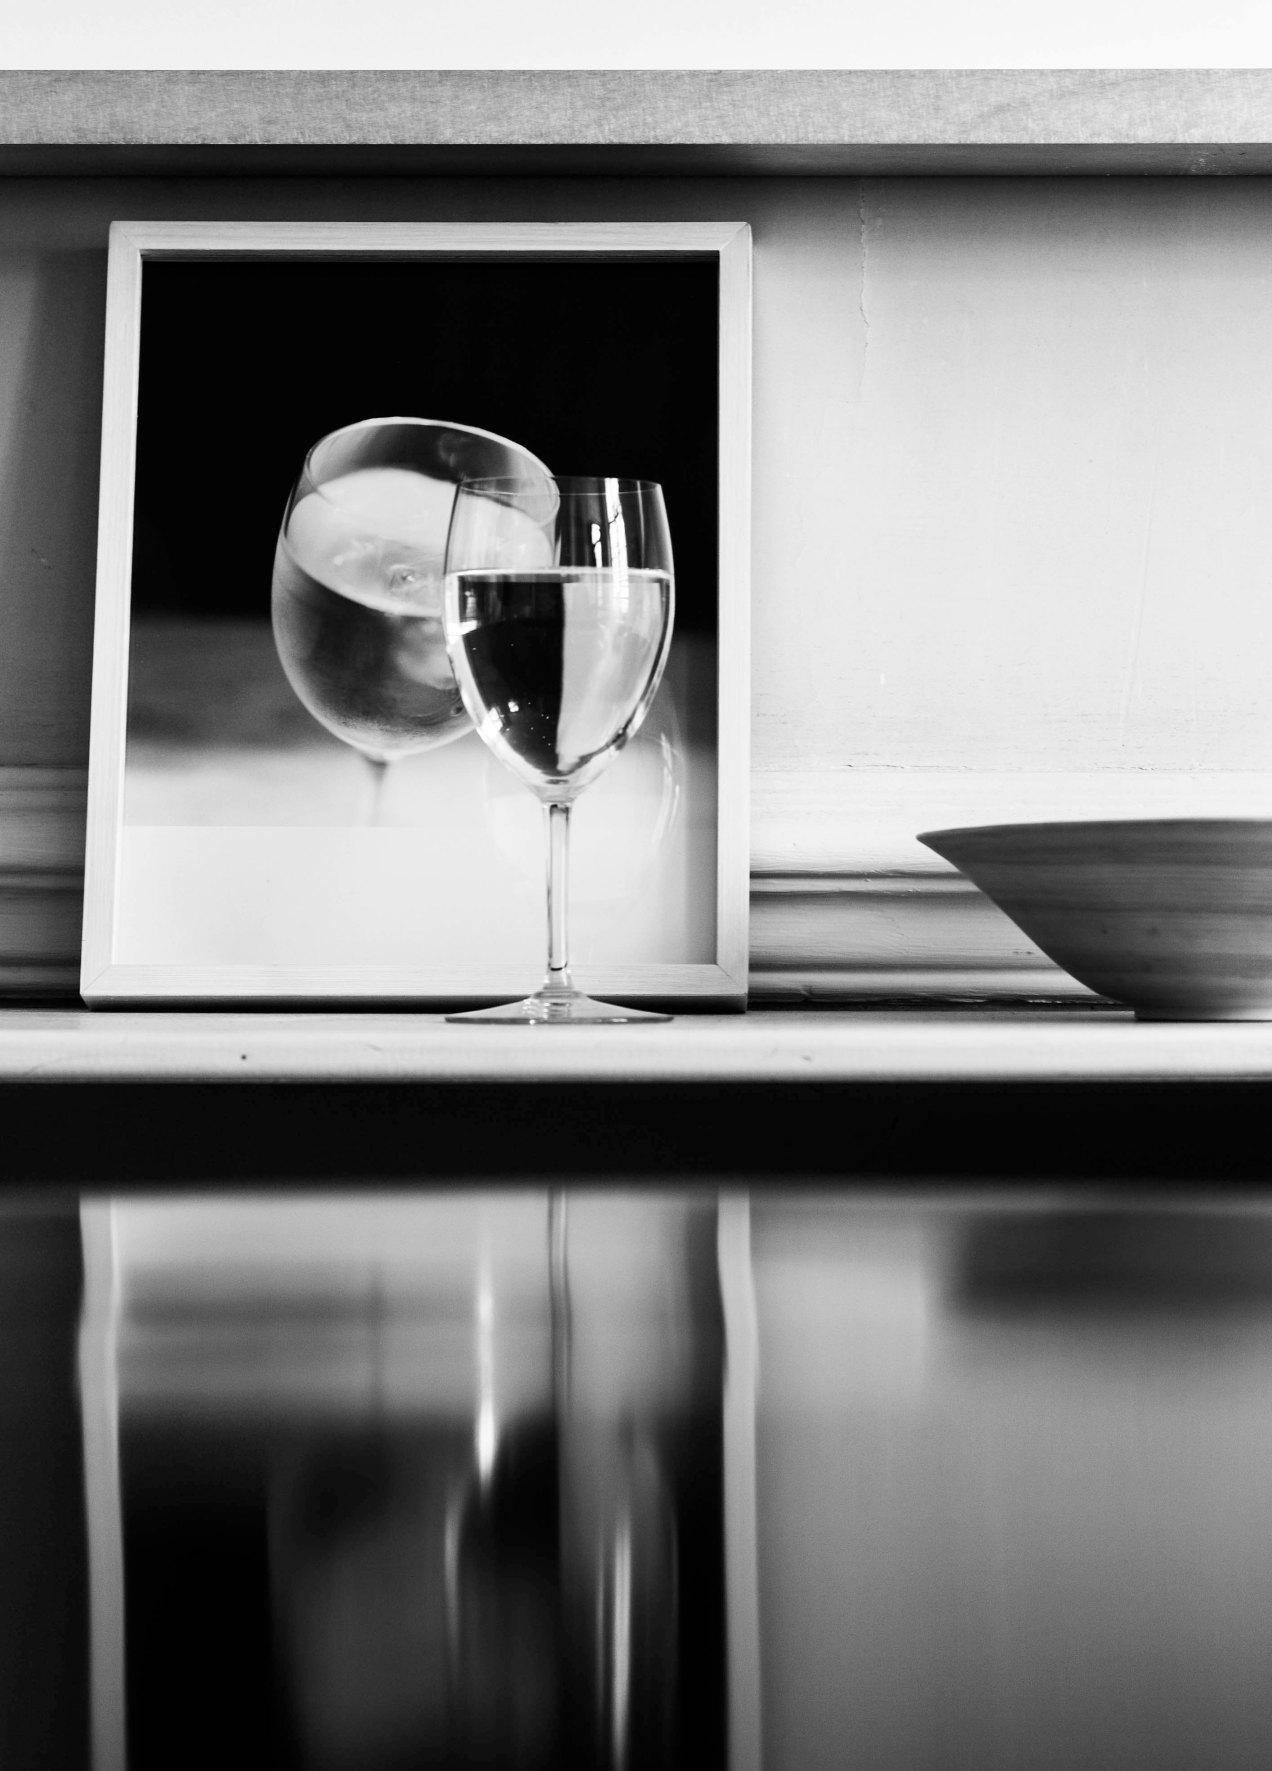 Le verre d'eau, gildalliere, 2008,A. de Vilmorin